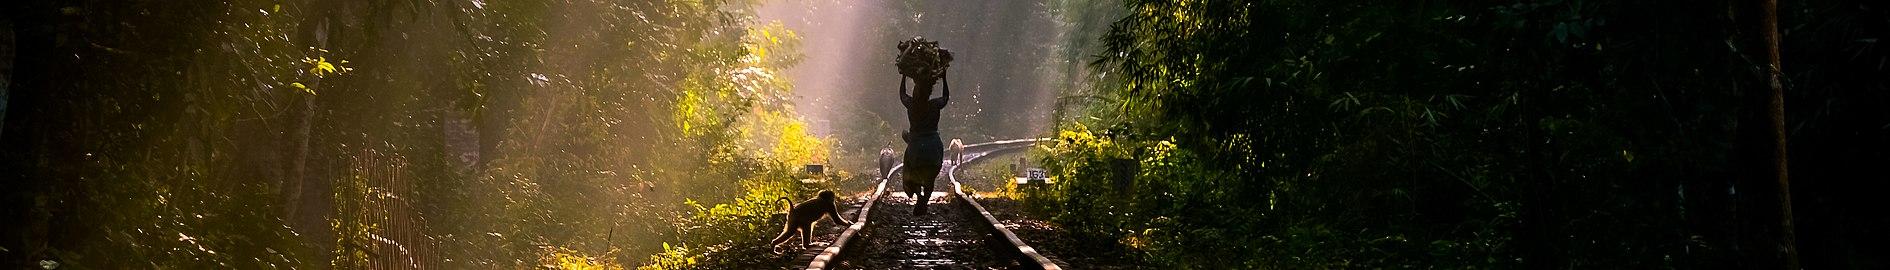 লাউয়াছড়া জাতীয় উদ্যান (ব্যানার).jpg